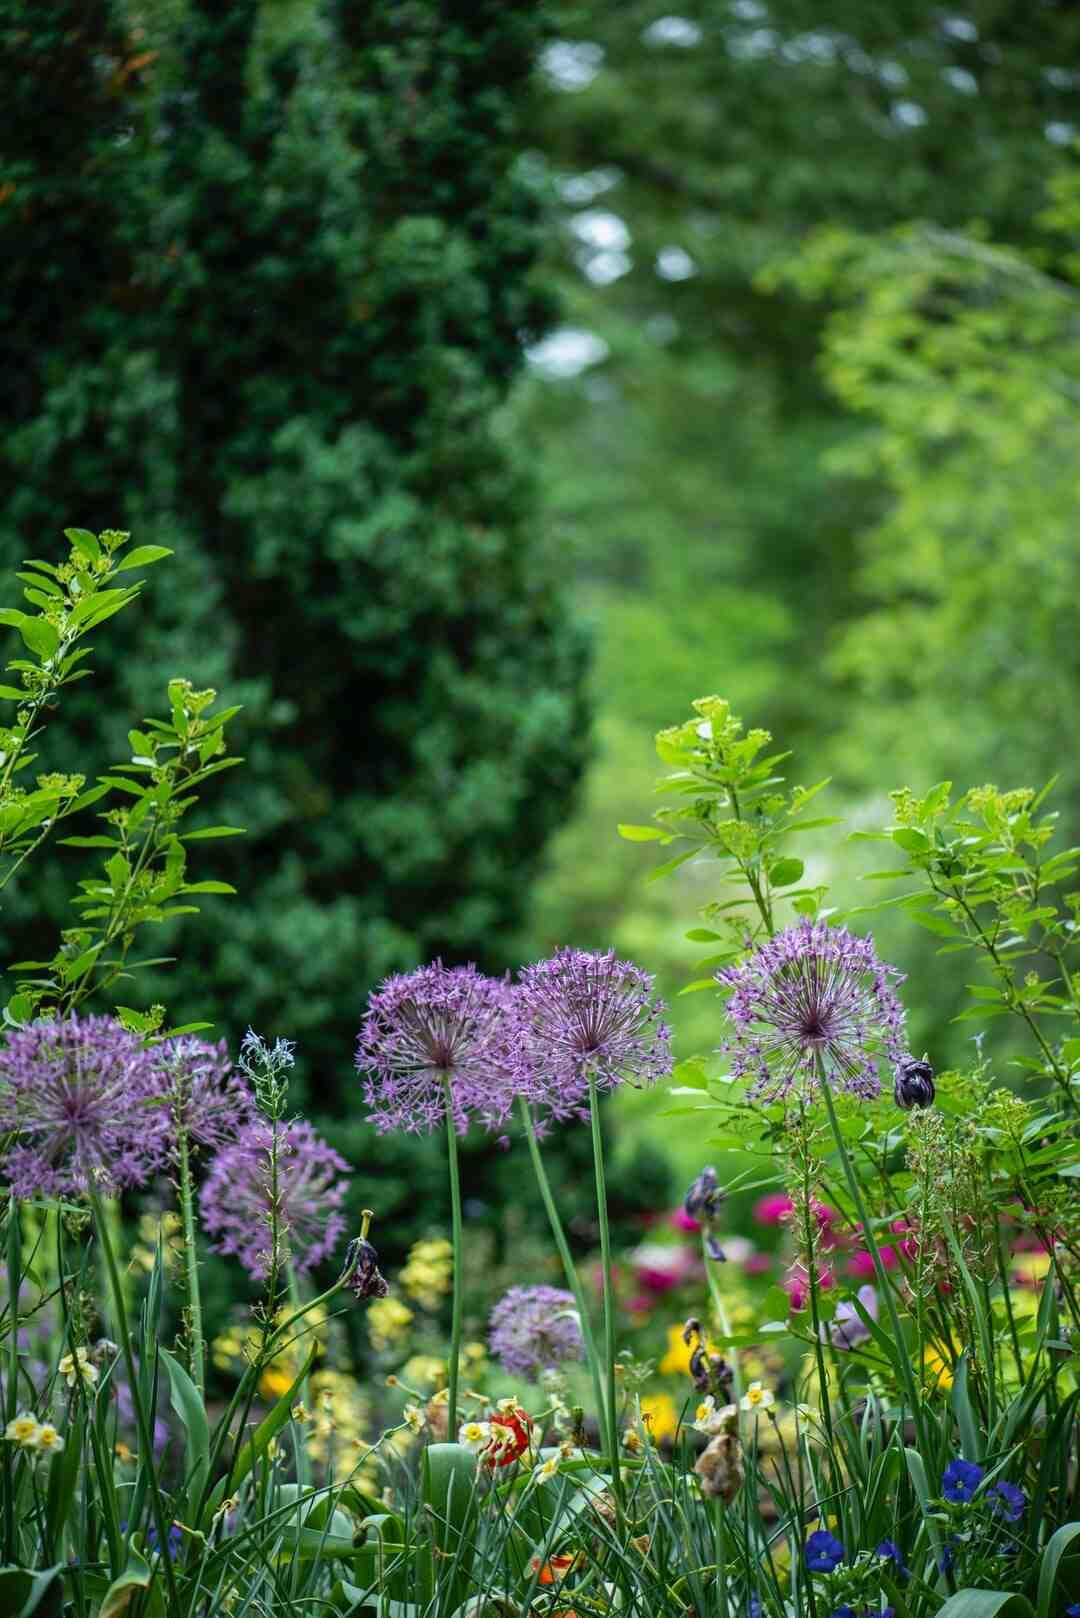 Comment  Utiliser du peroxyde d'hydrogène dans le jardin